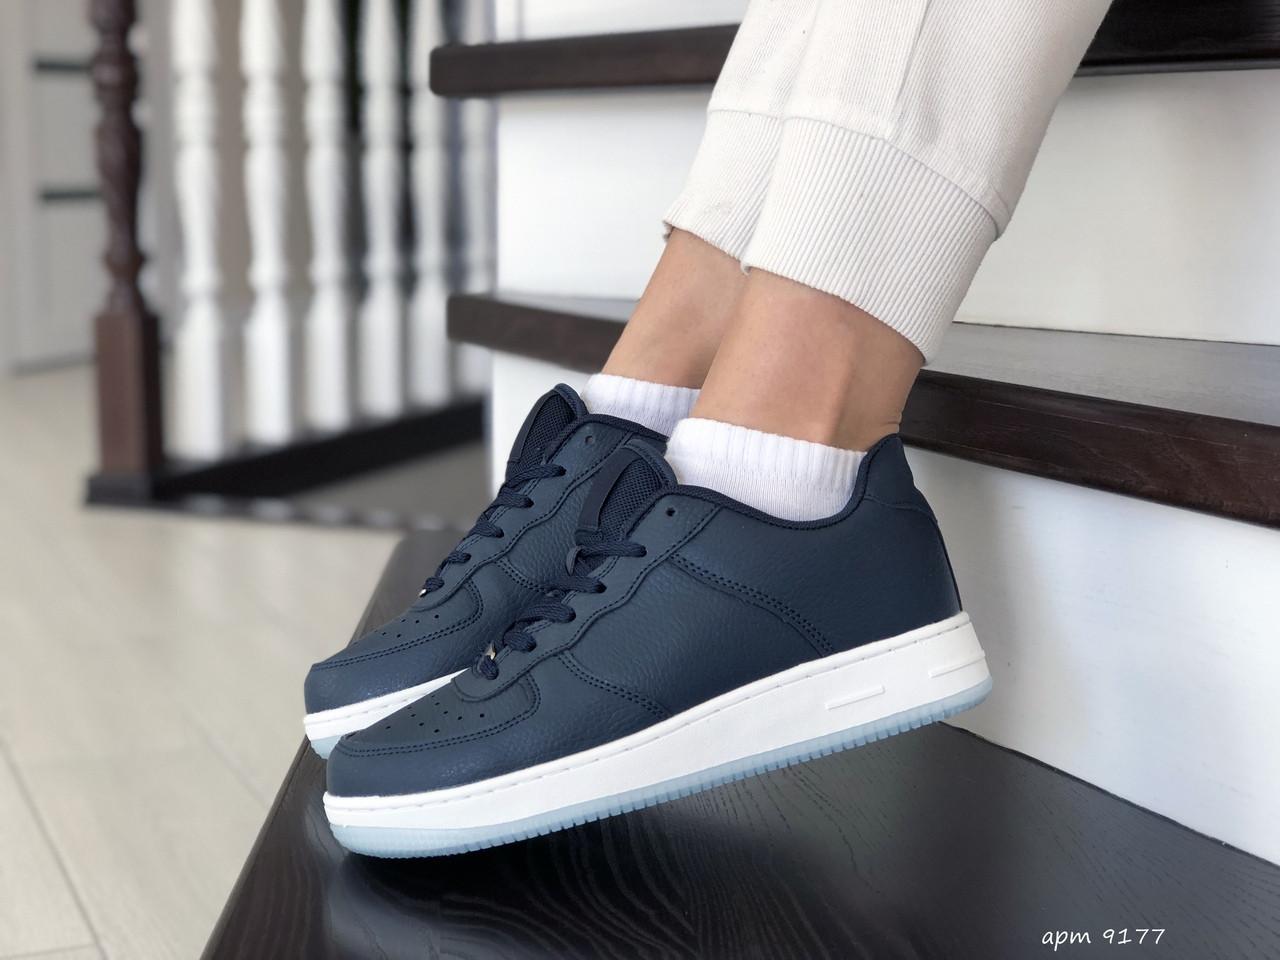 Женские кожаные кроссовки Force (темно-синие) 9177